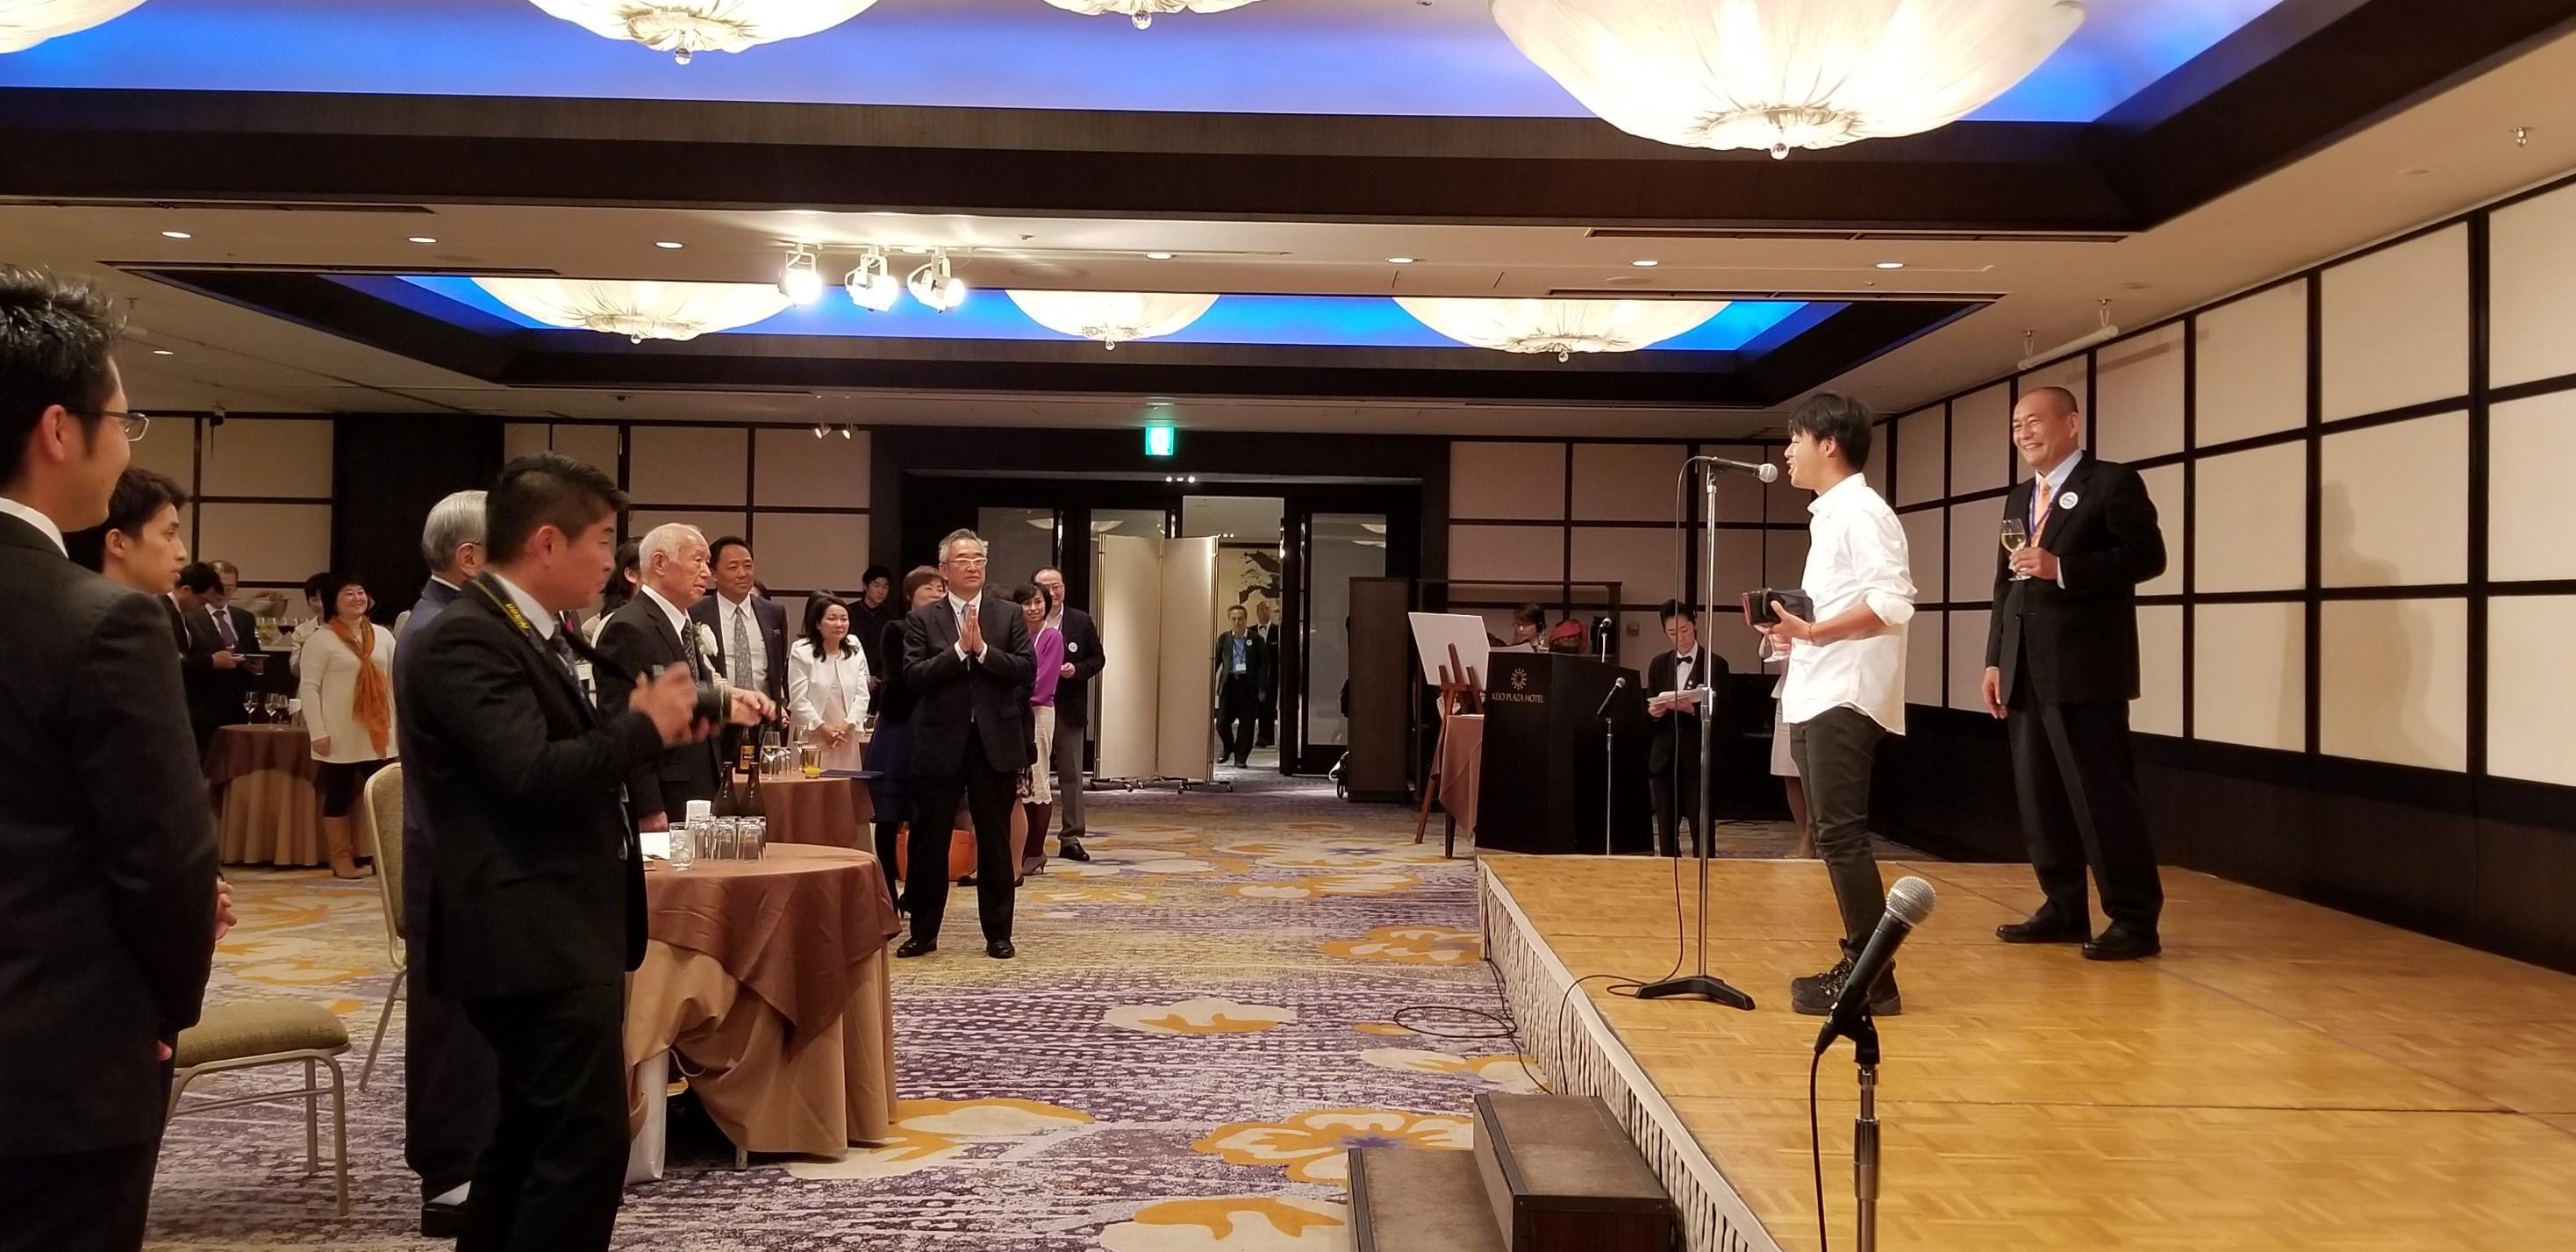 19e0354874a485d38249517b3f8f6e20 - 第6回思風会全国大会2018in東京開催